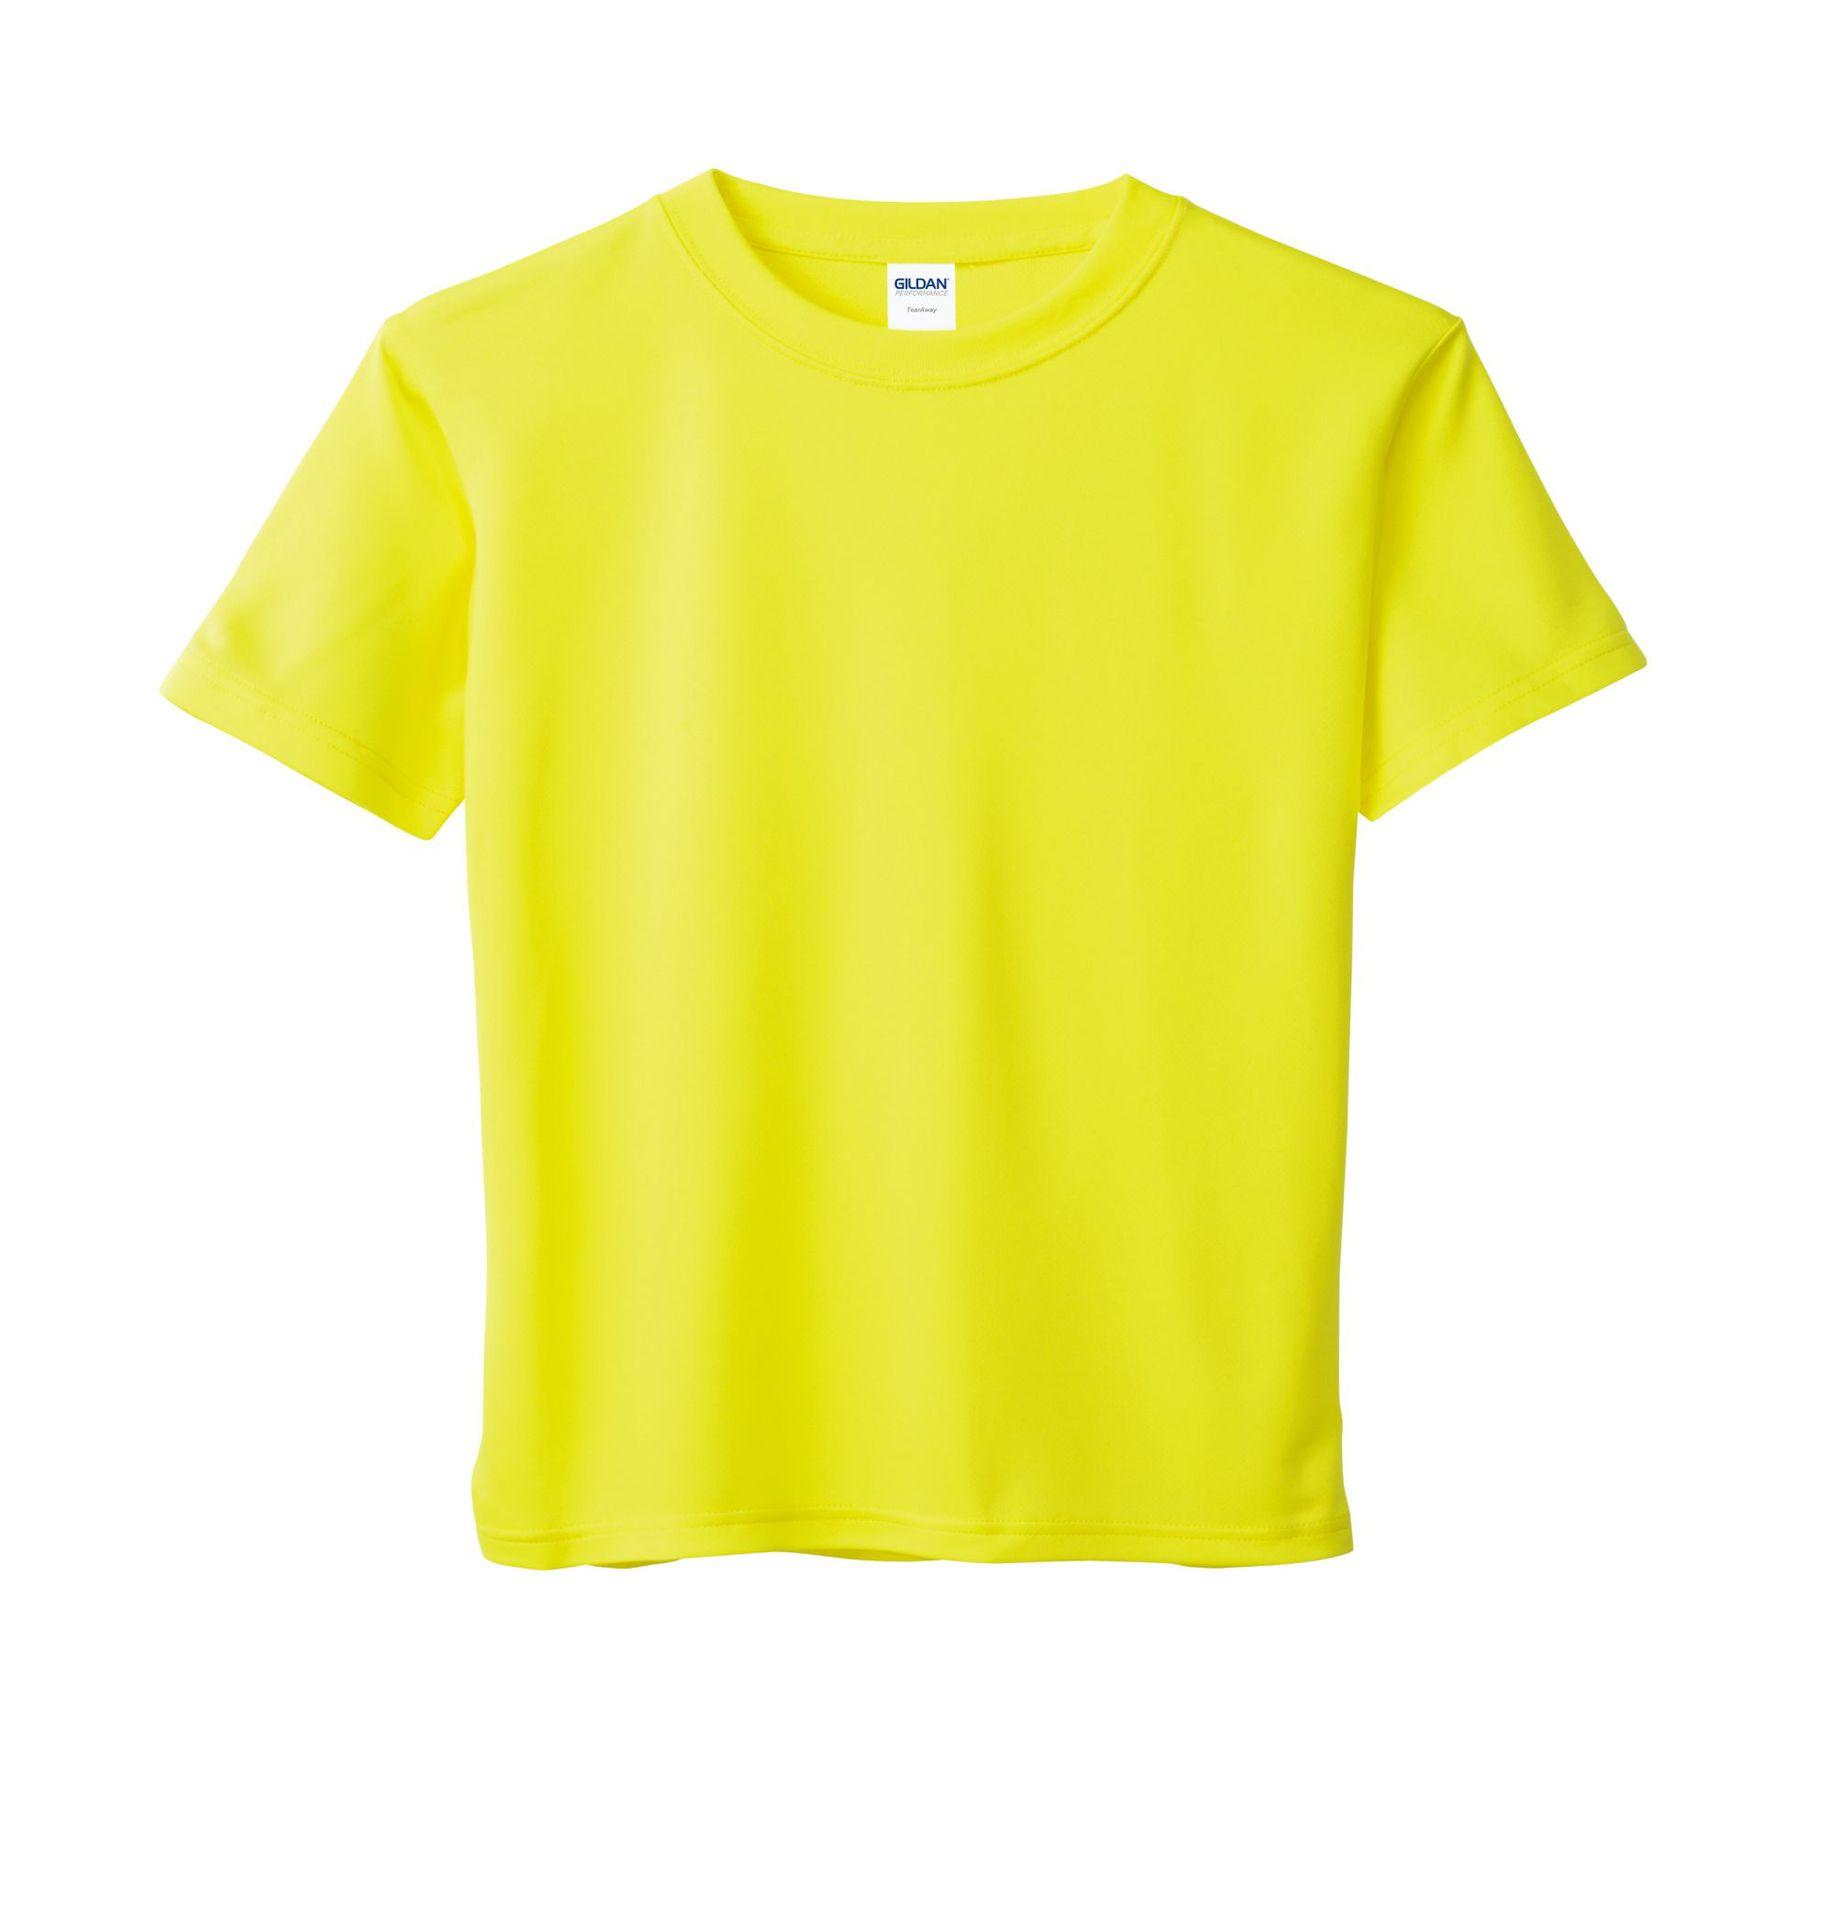 纯色t恤青少年圆领速干衣2019秋冬修身户外休闲白色短袖体恤衫